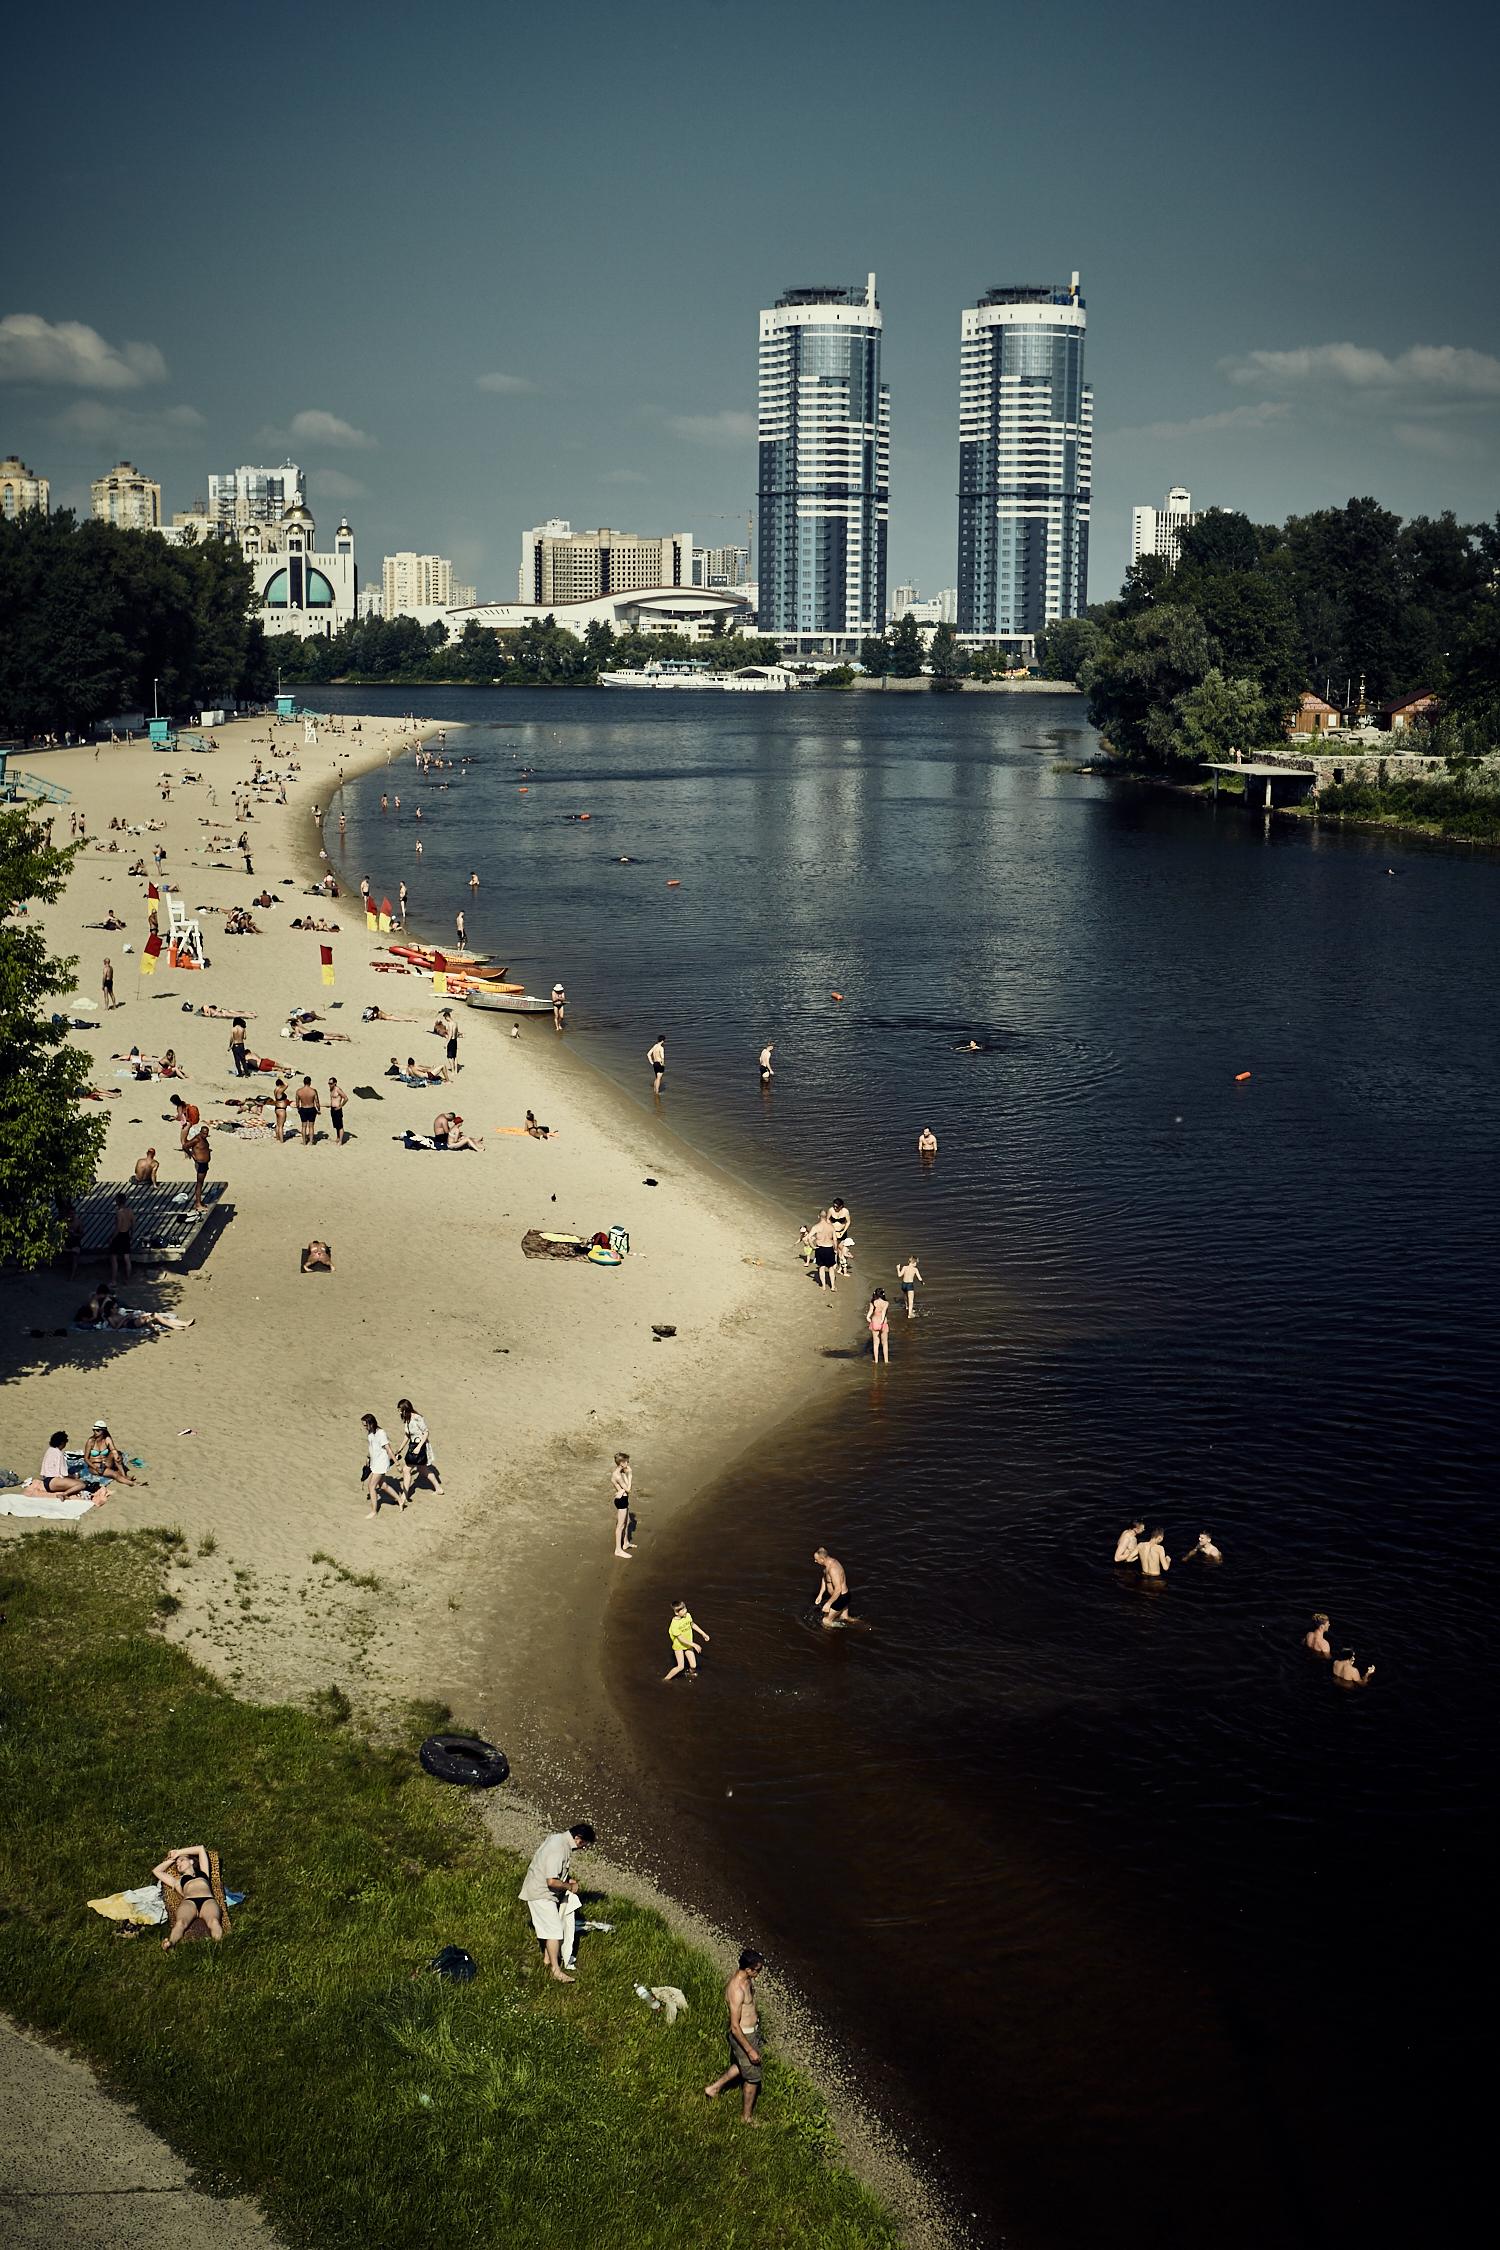 AF_201905_Kiew-_54X4552-bearbeitet.jpg